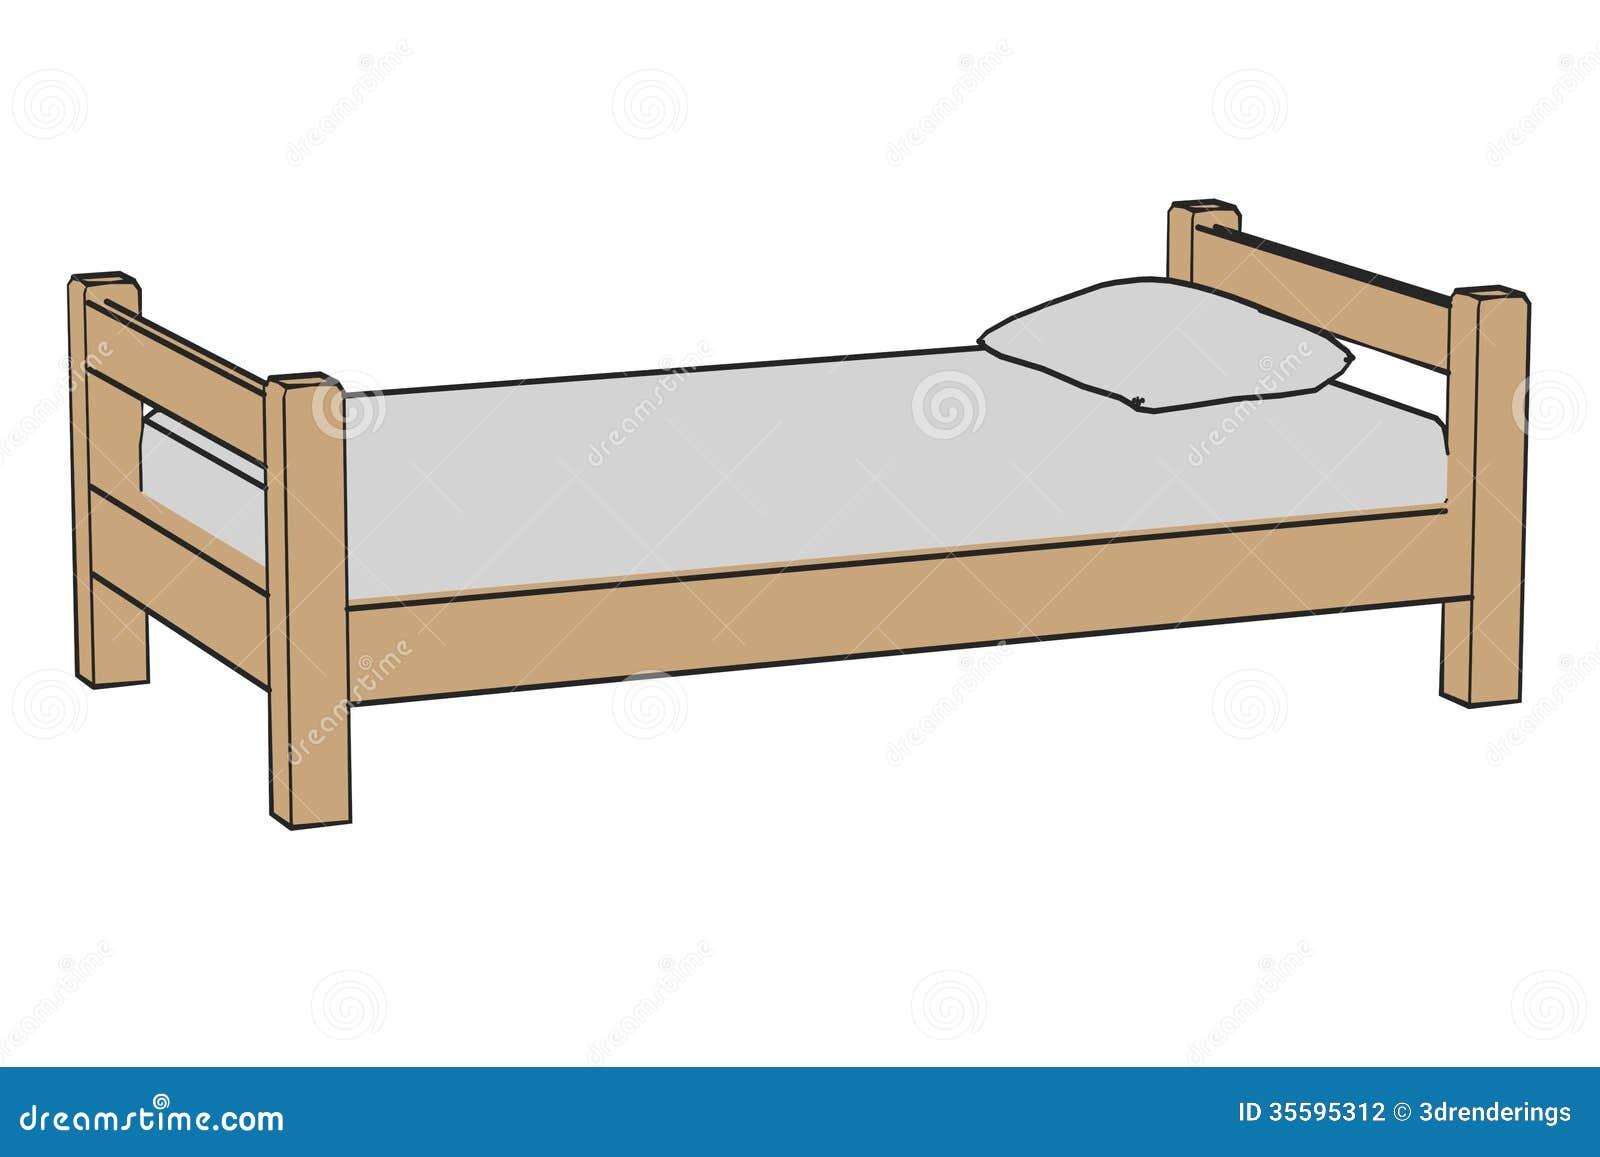 einfaches bett stock abbildung illustration von karikatur 35595312. Black Bedroom Furniture Sets. Home Design Ideas